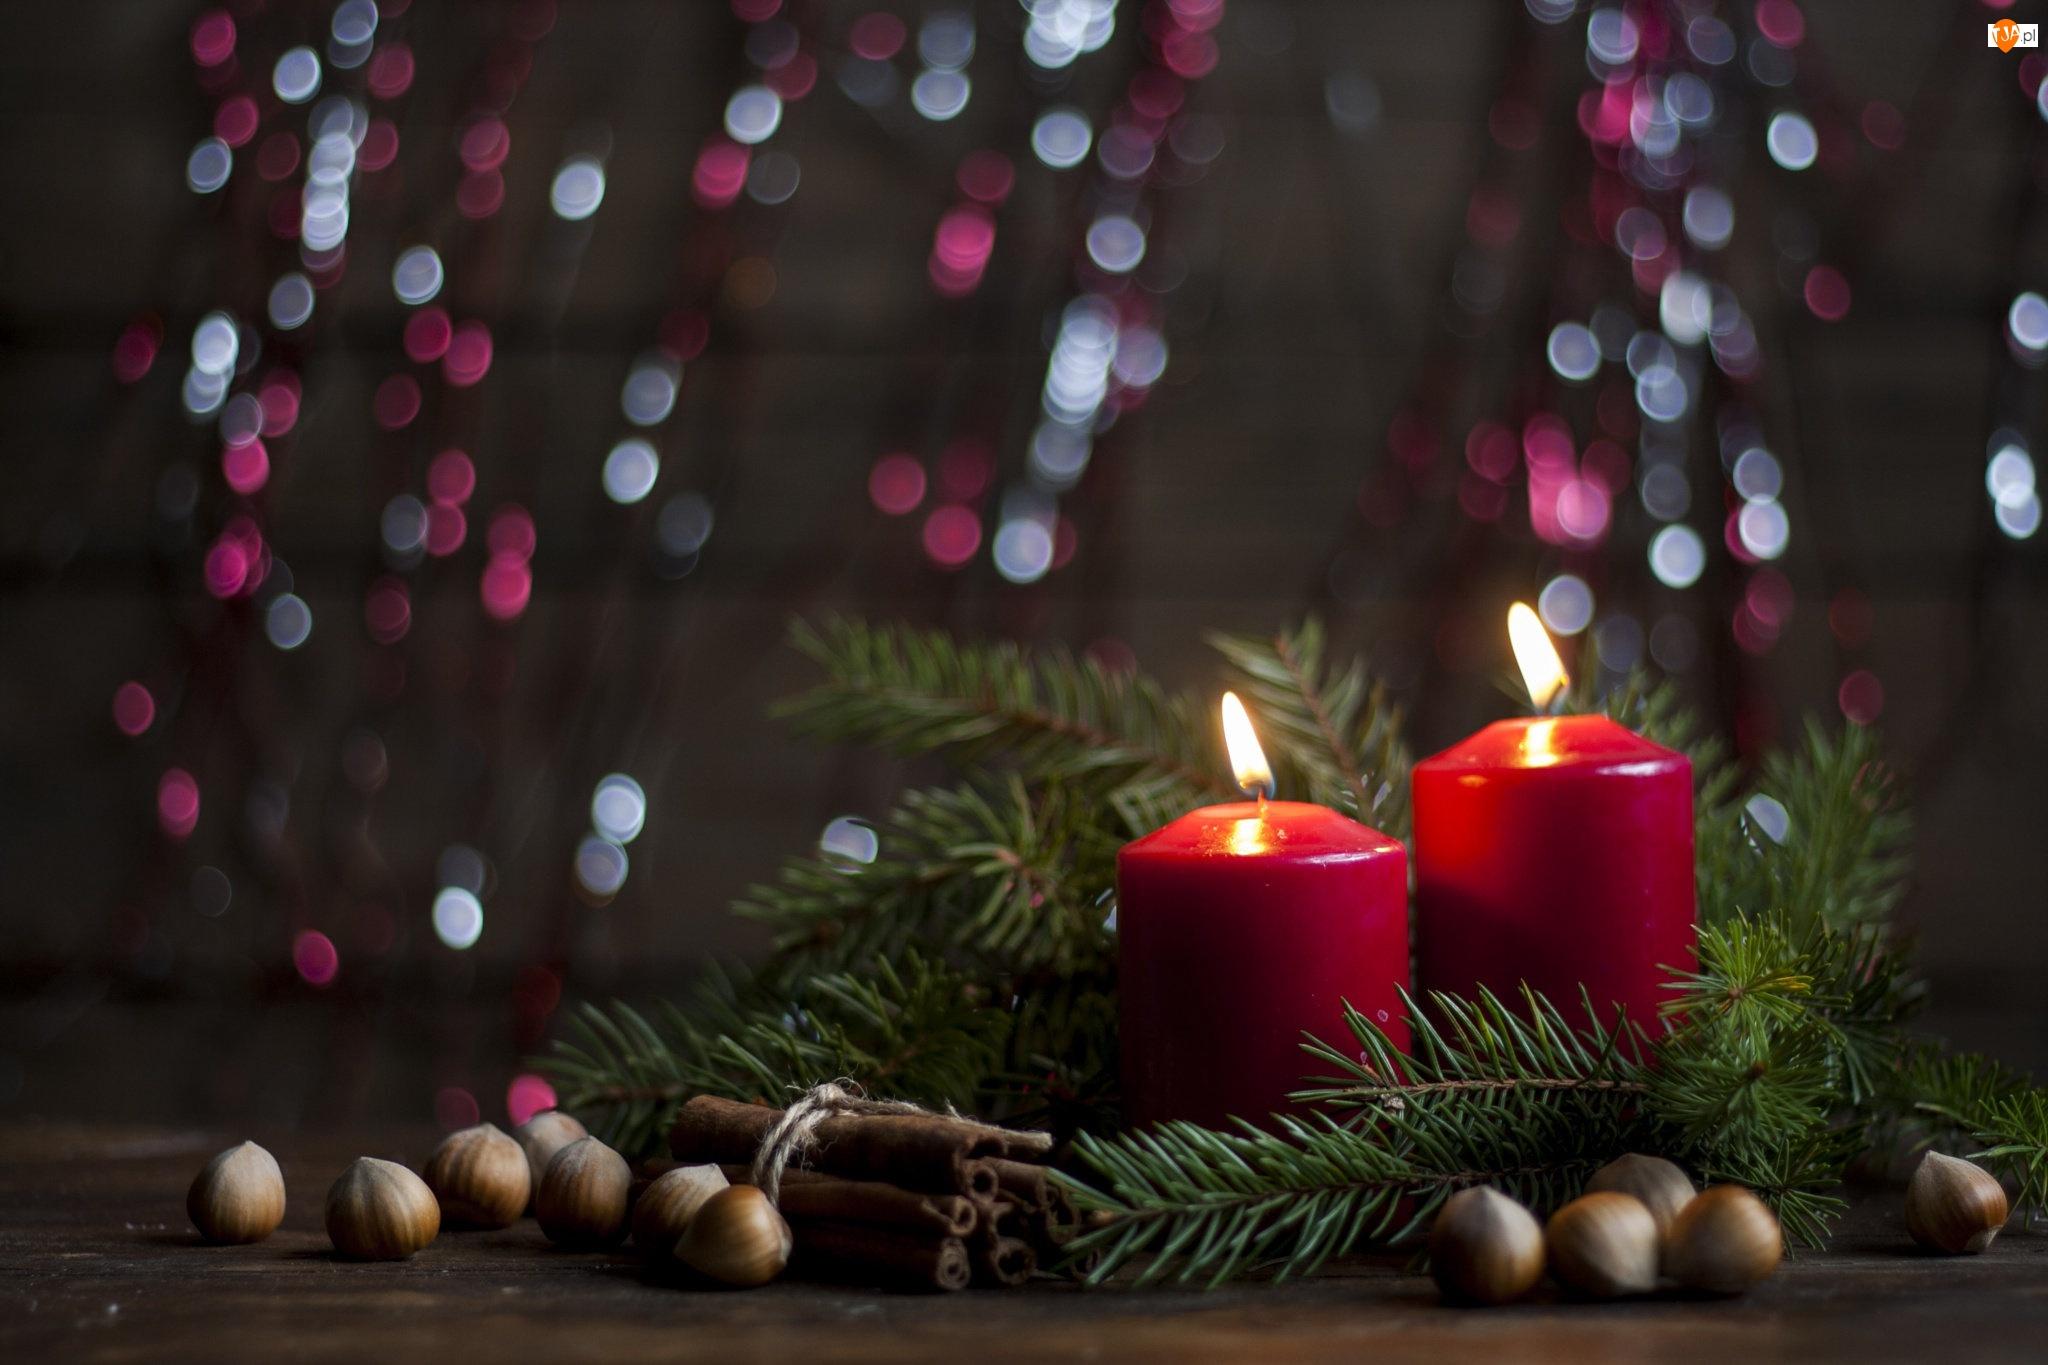 Świeczki, Dekoracja, Stroik, Świąteczny, Czerwone